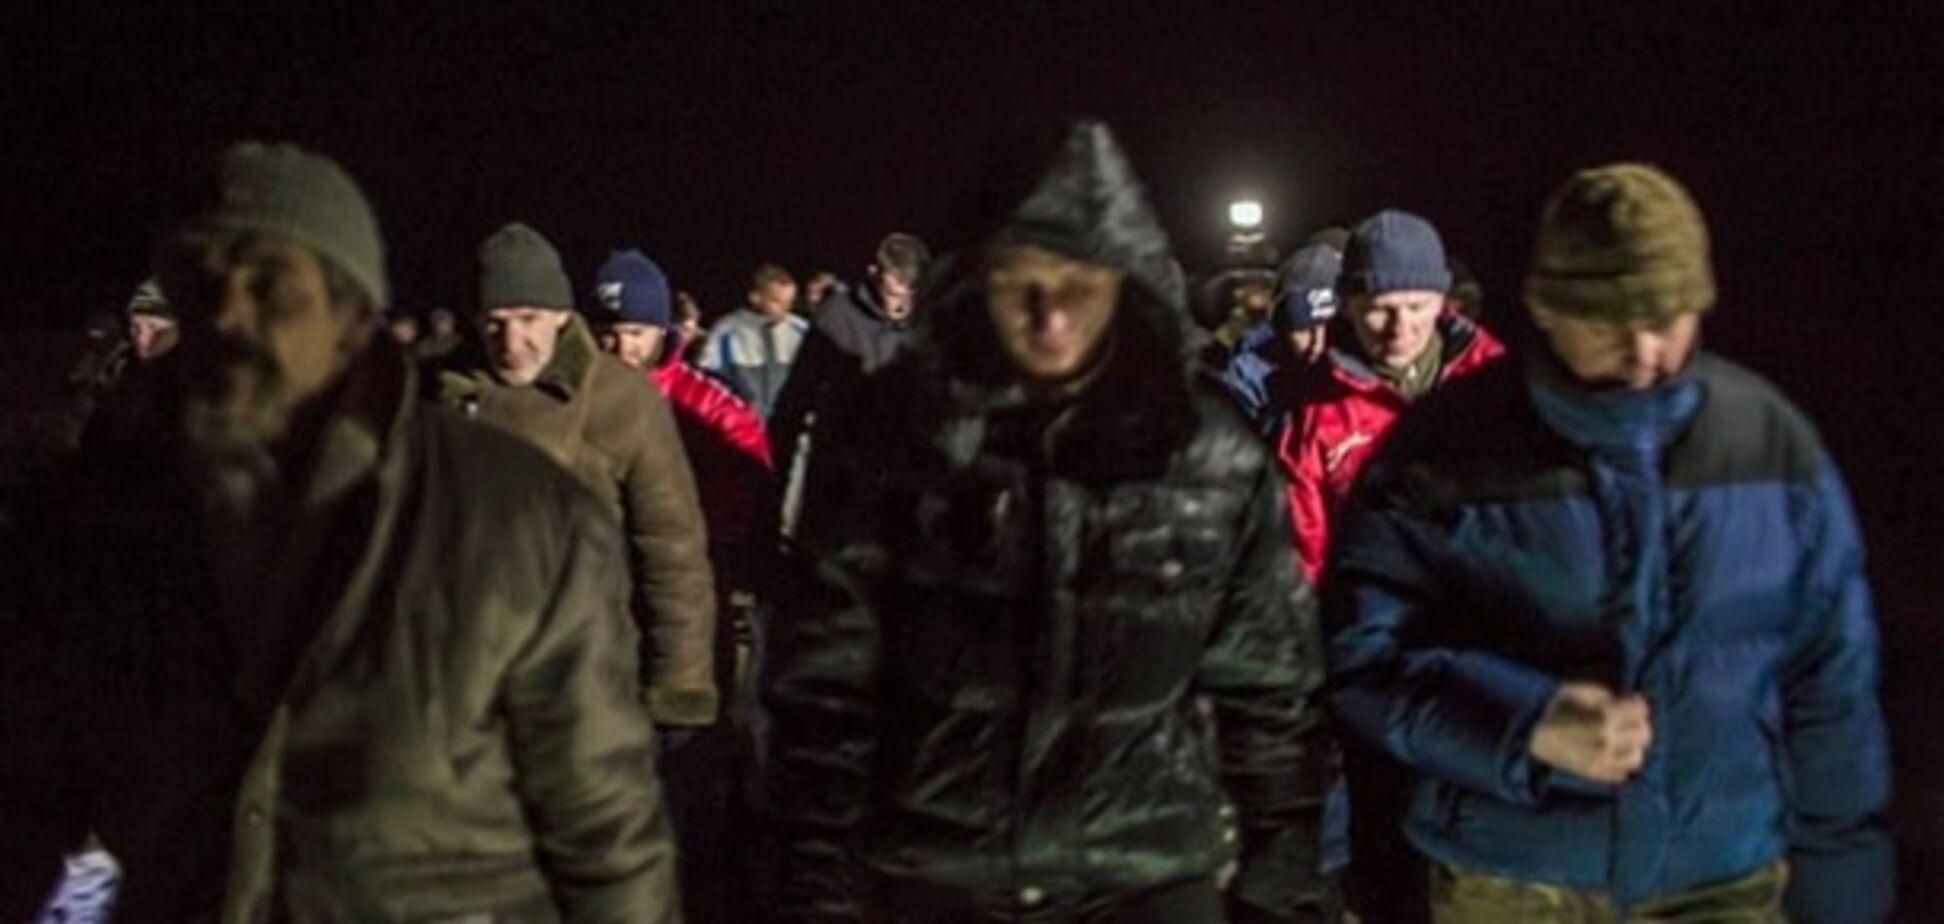 Великий обмін полоненими з 'ЛДНР': стало відомо про серйозну проблему